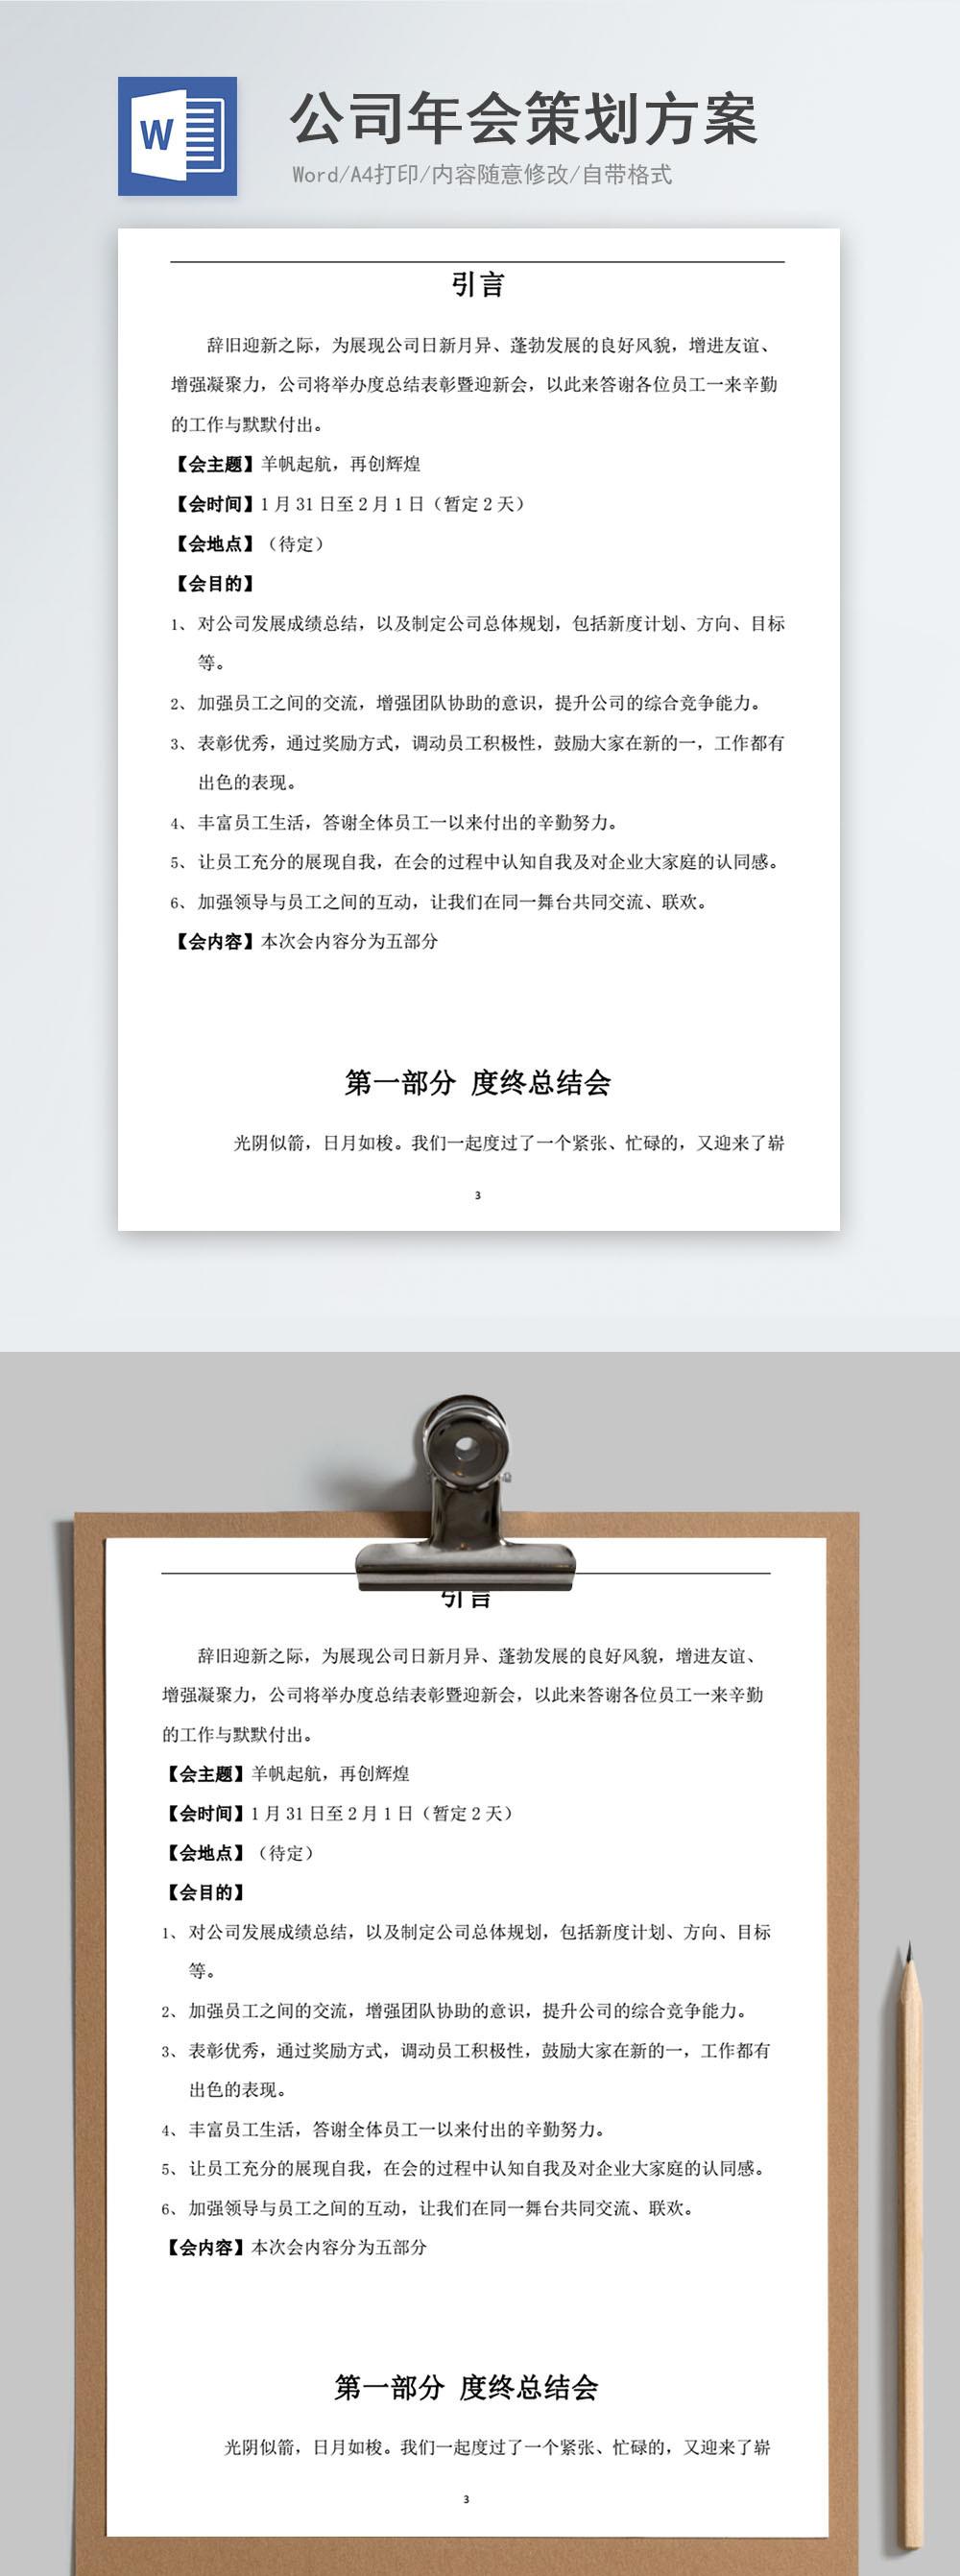 公司年会策划方案word模板图片